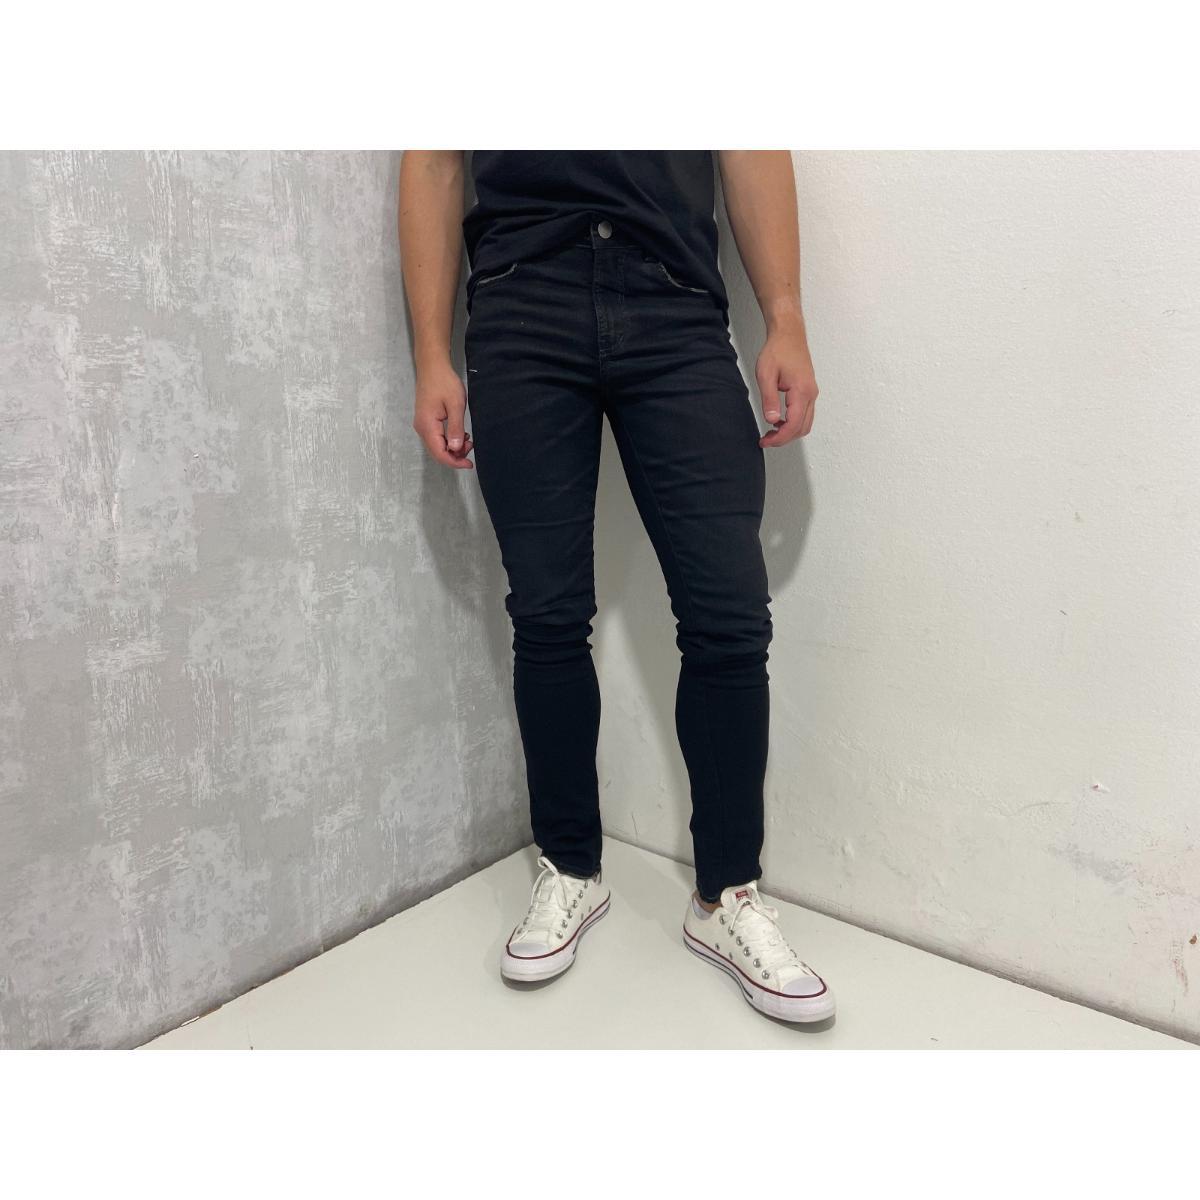 Calça Masculina Colcci 10106125 618 Jeans